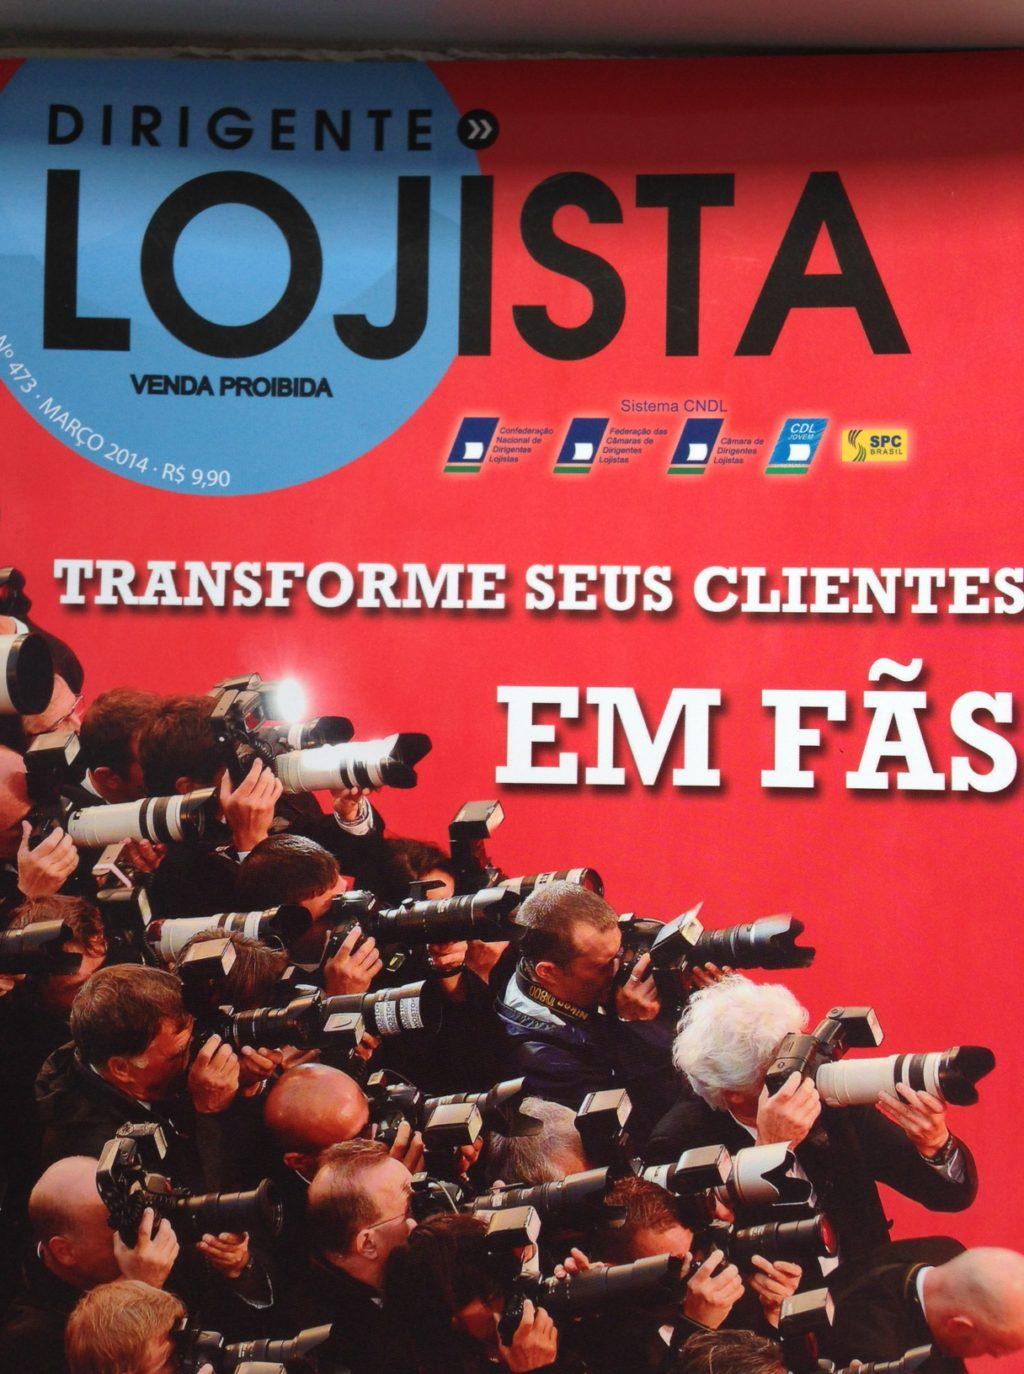 Revista Dirigente Lojista